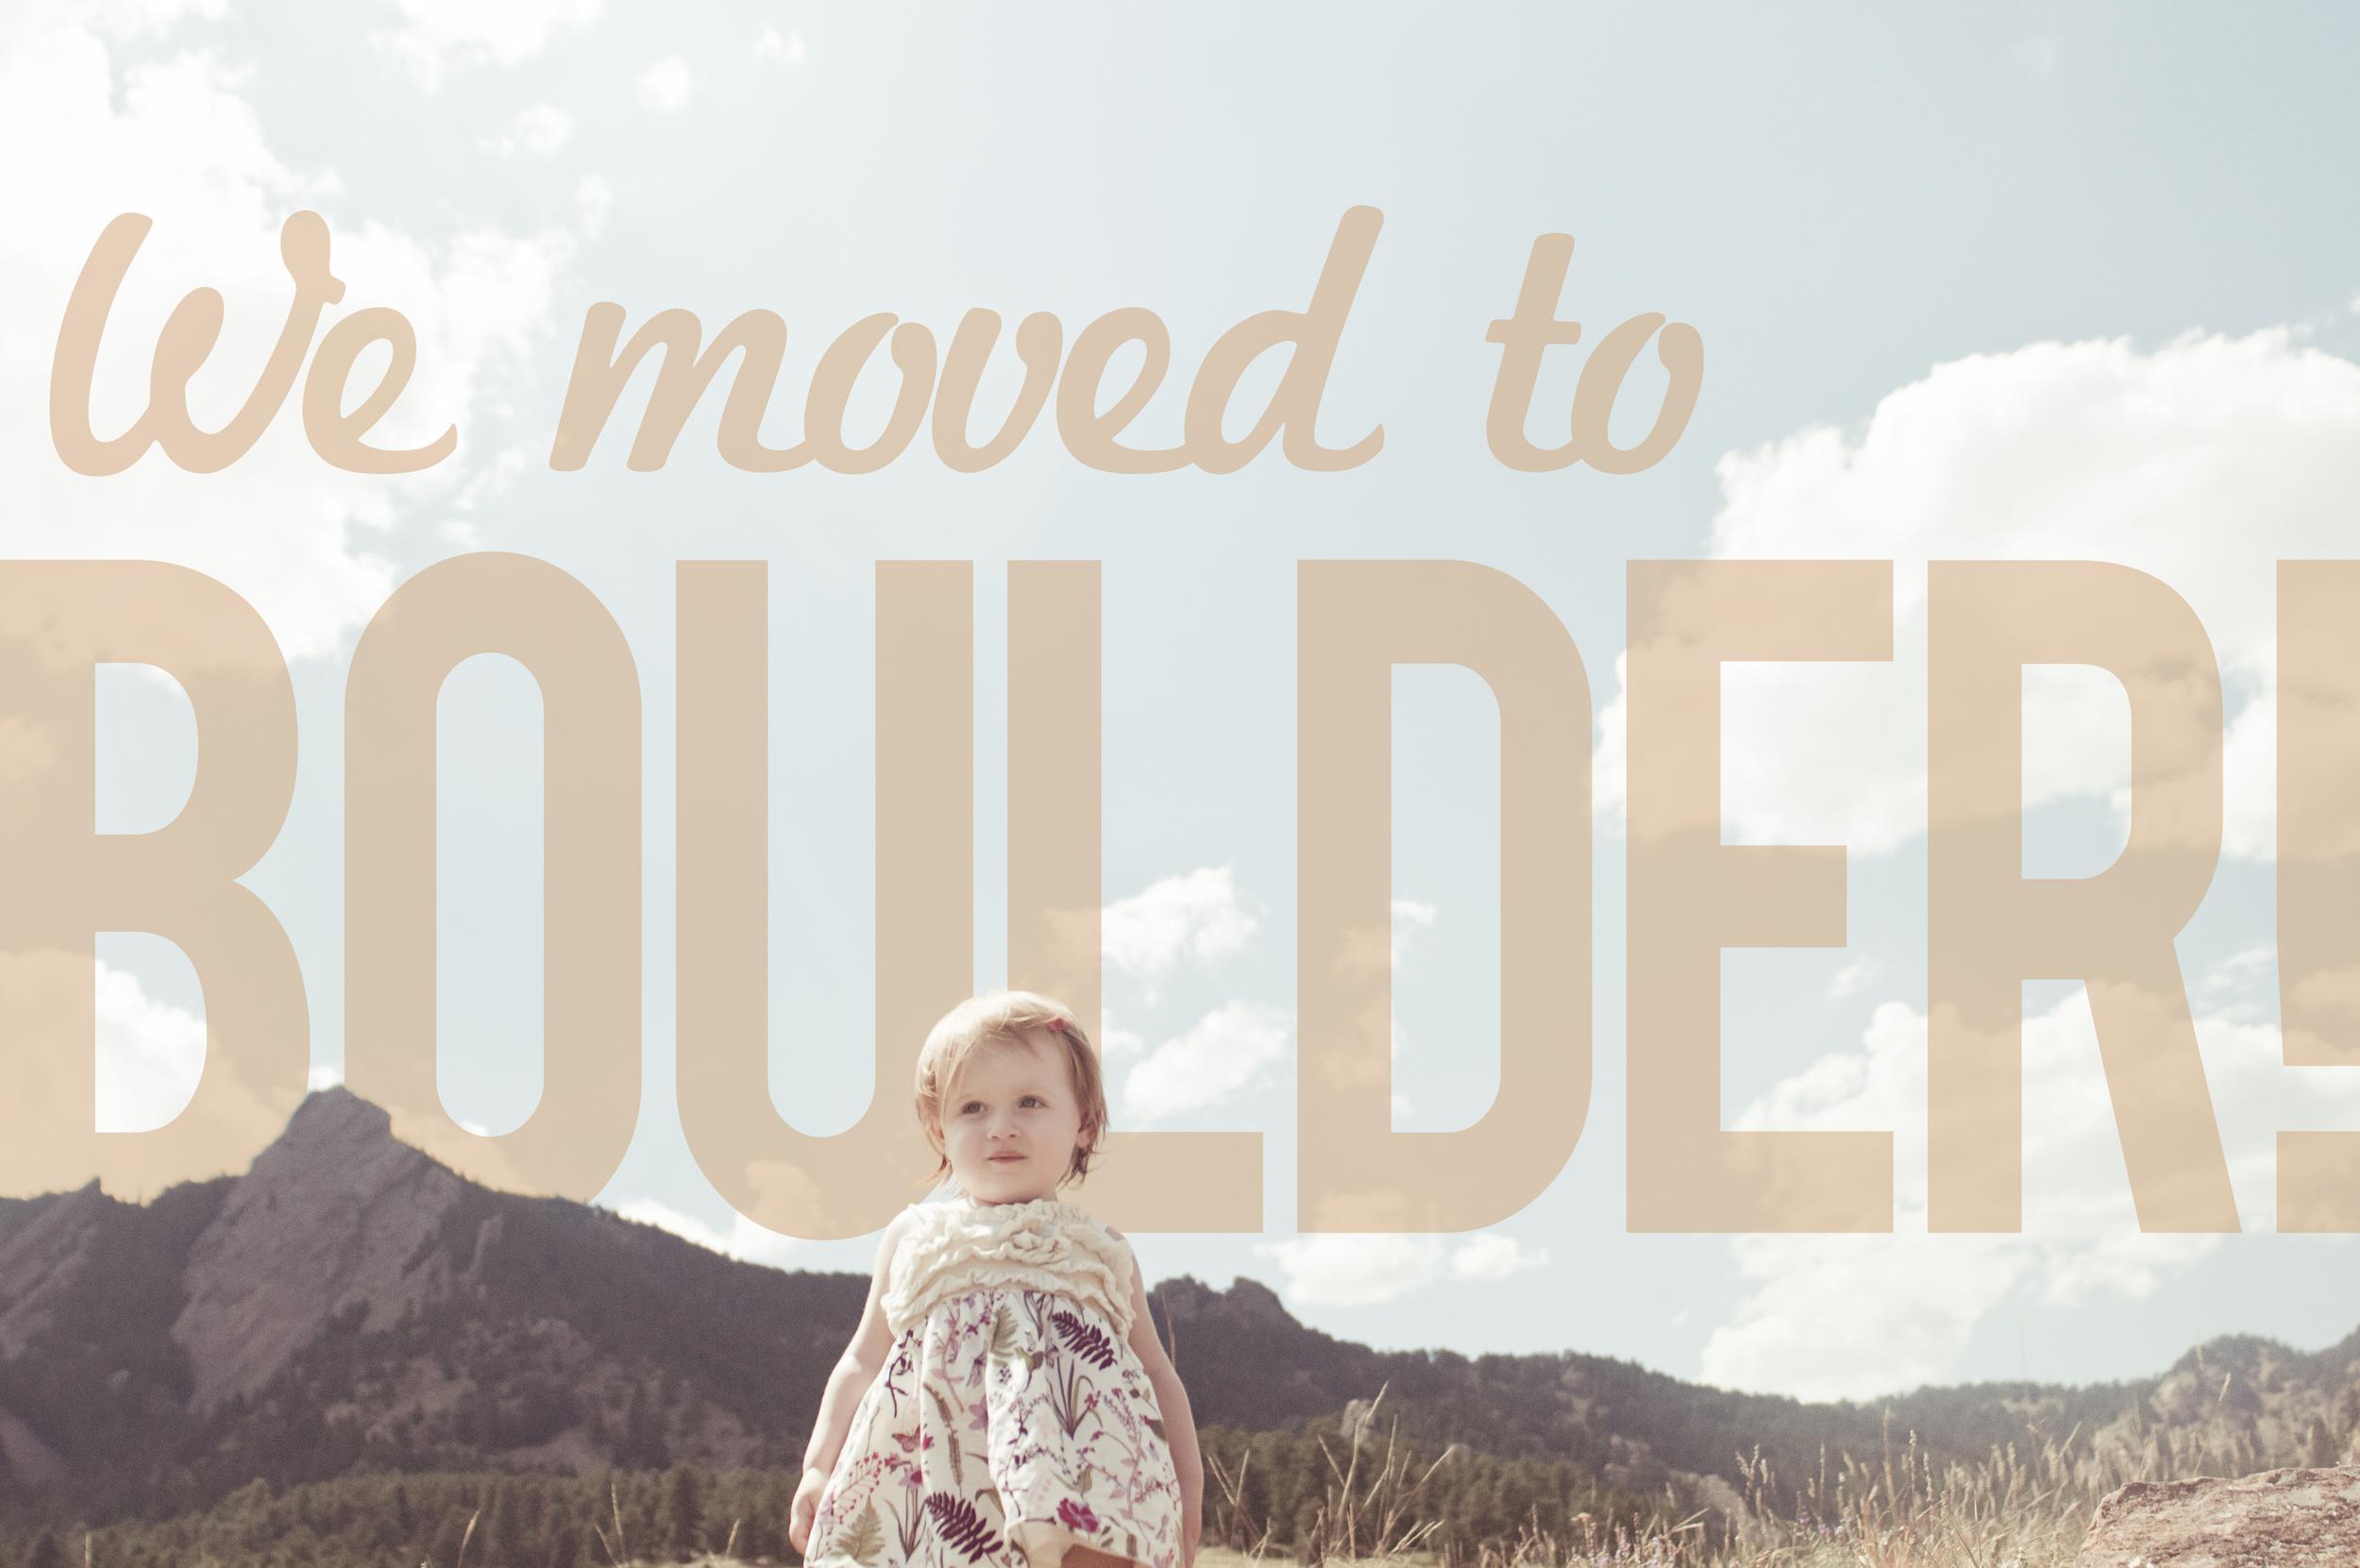 We Moved To Boulder!.jpg